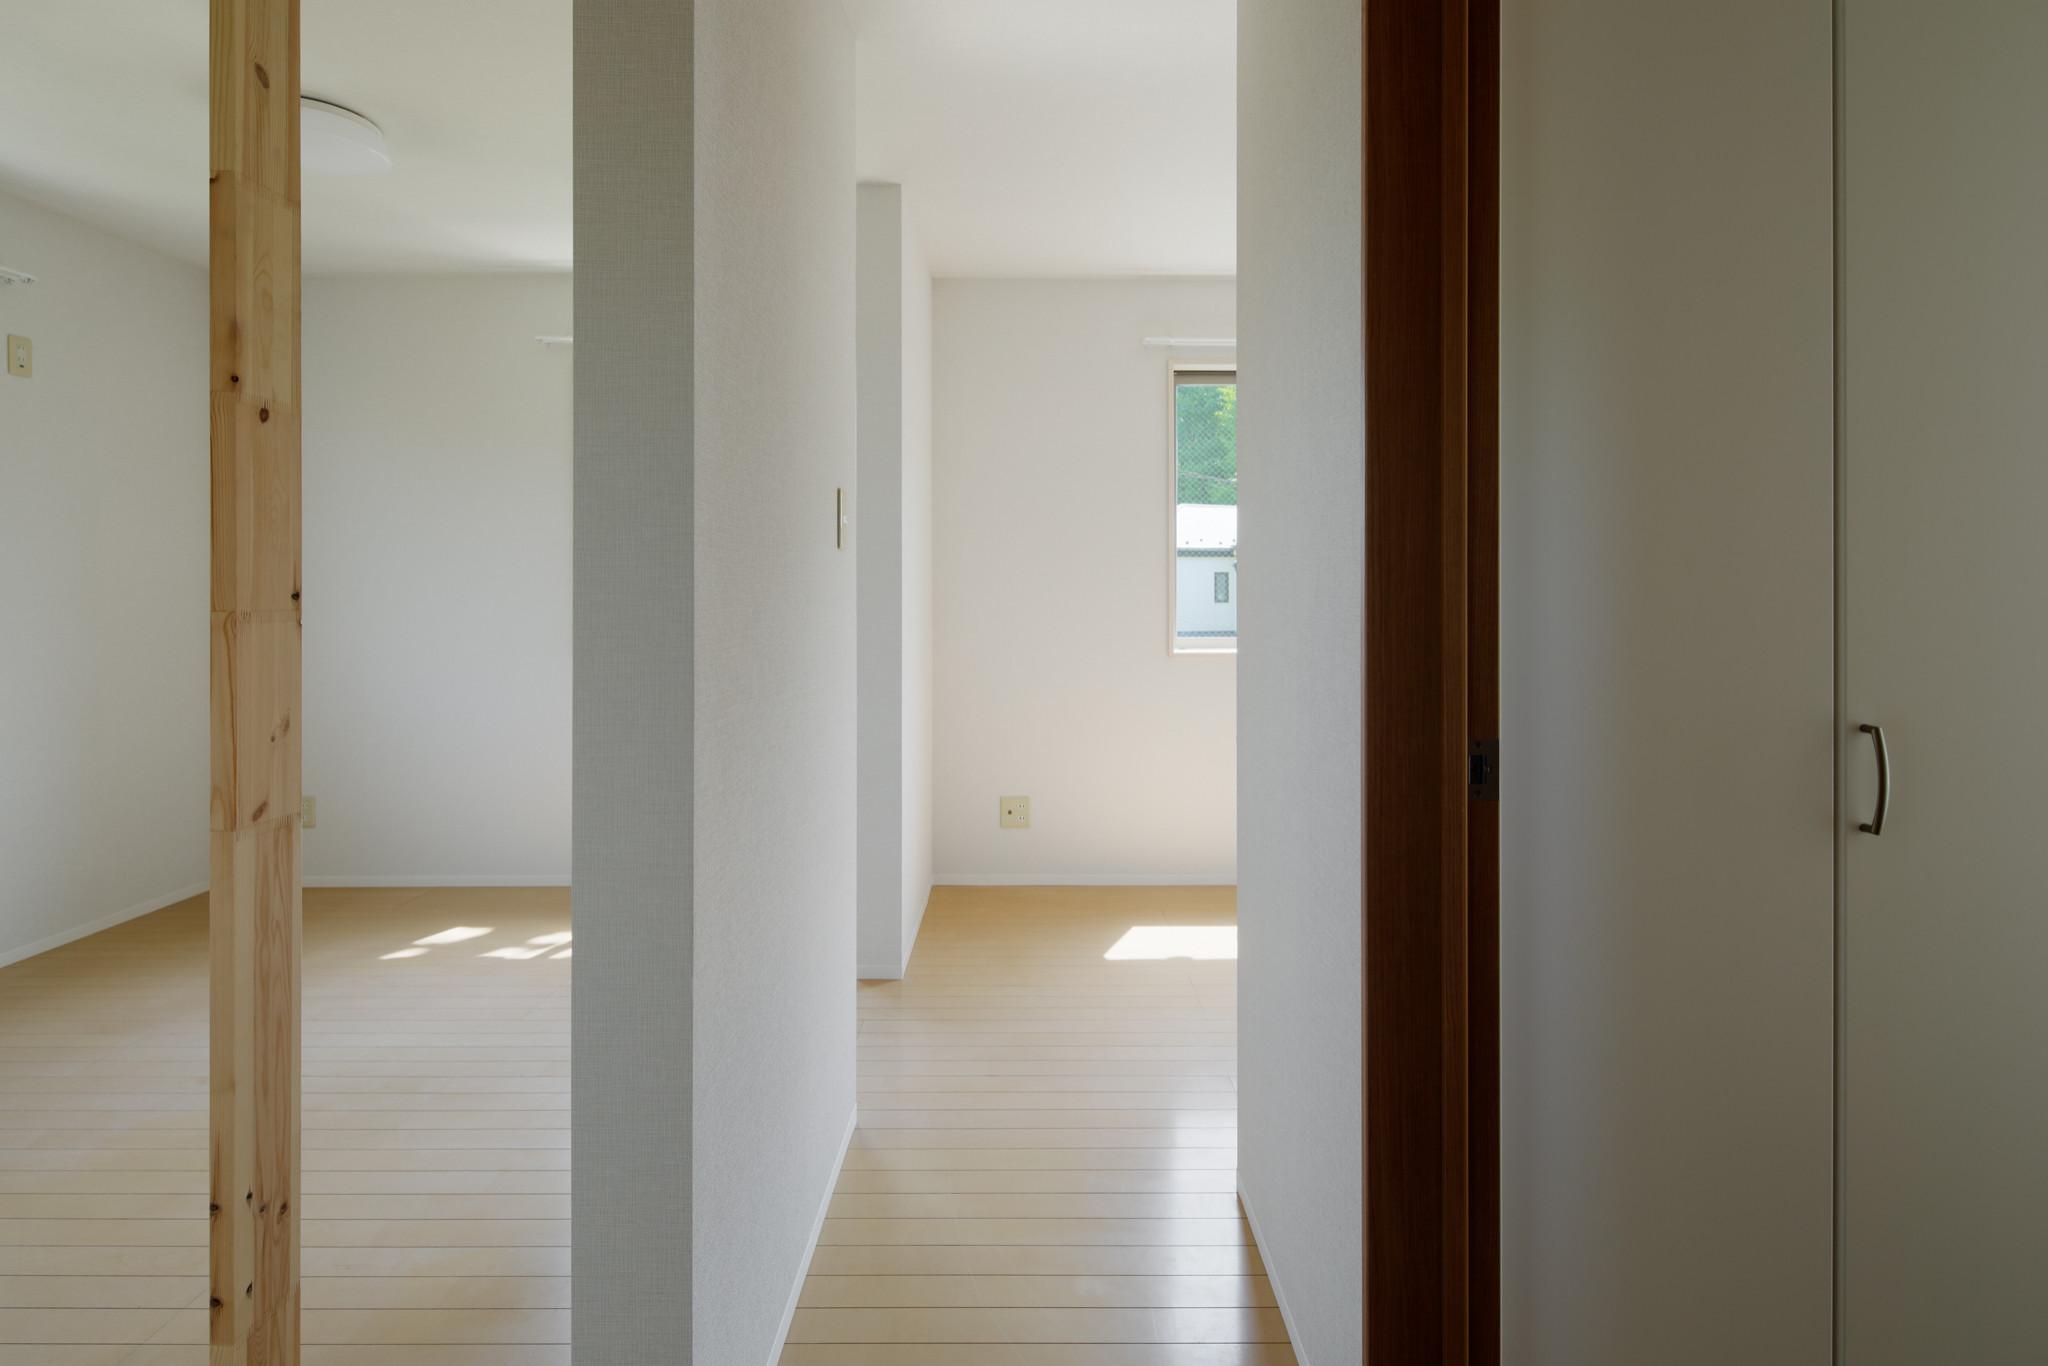 Hハウス改修工事/子供室